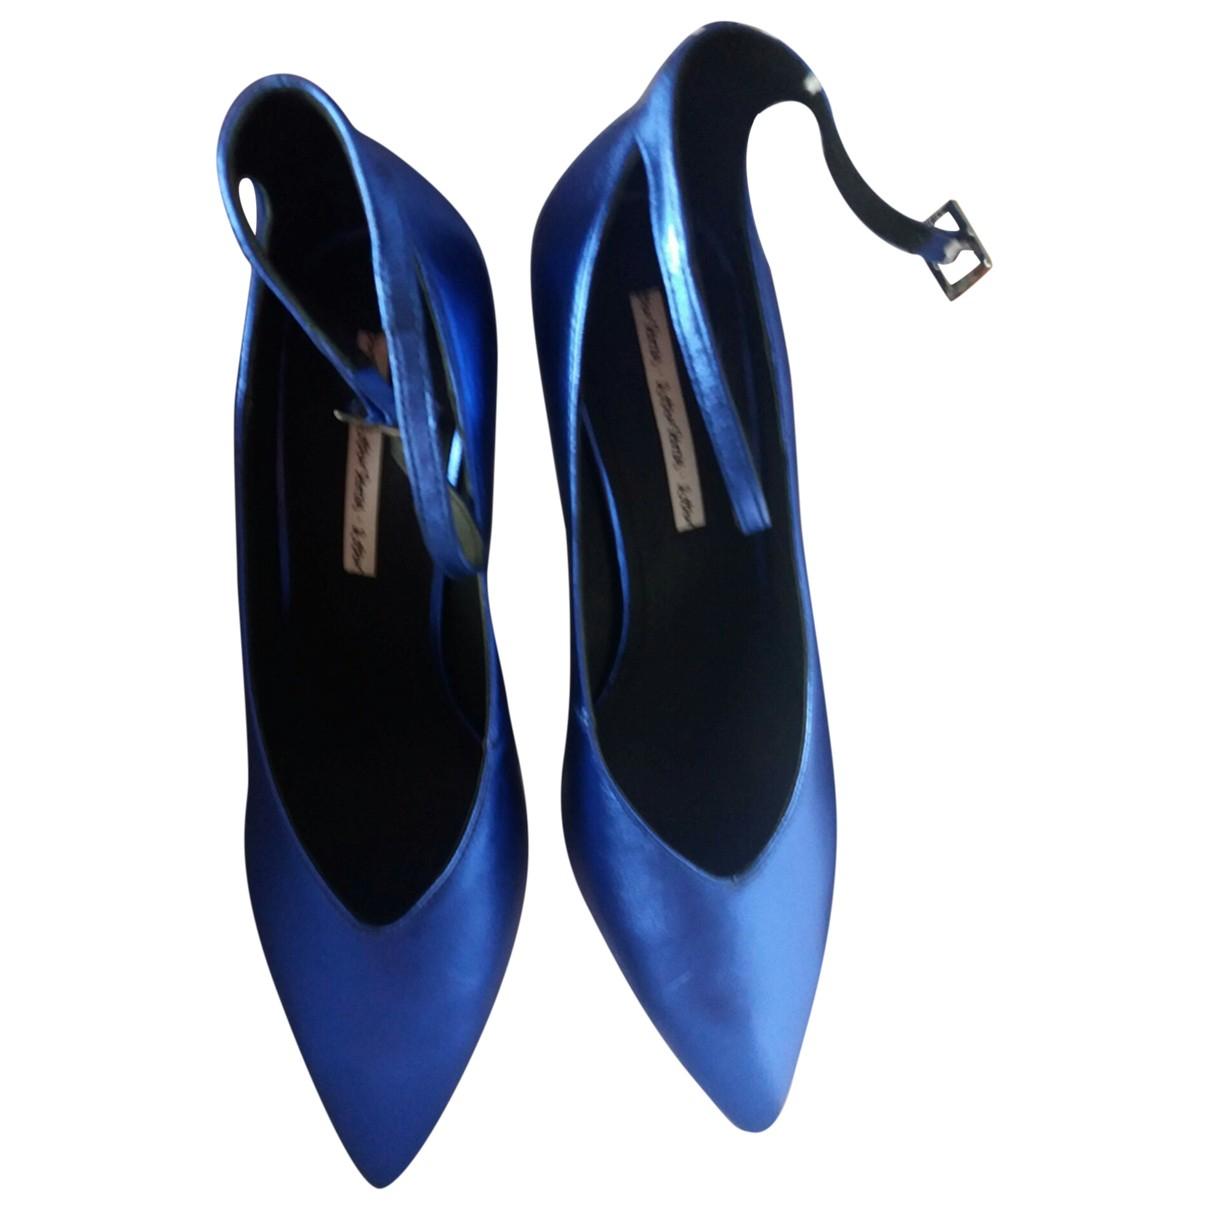 & Other Stories \N Pumps in  Blau Leder